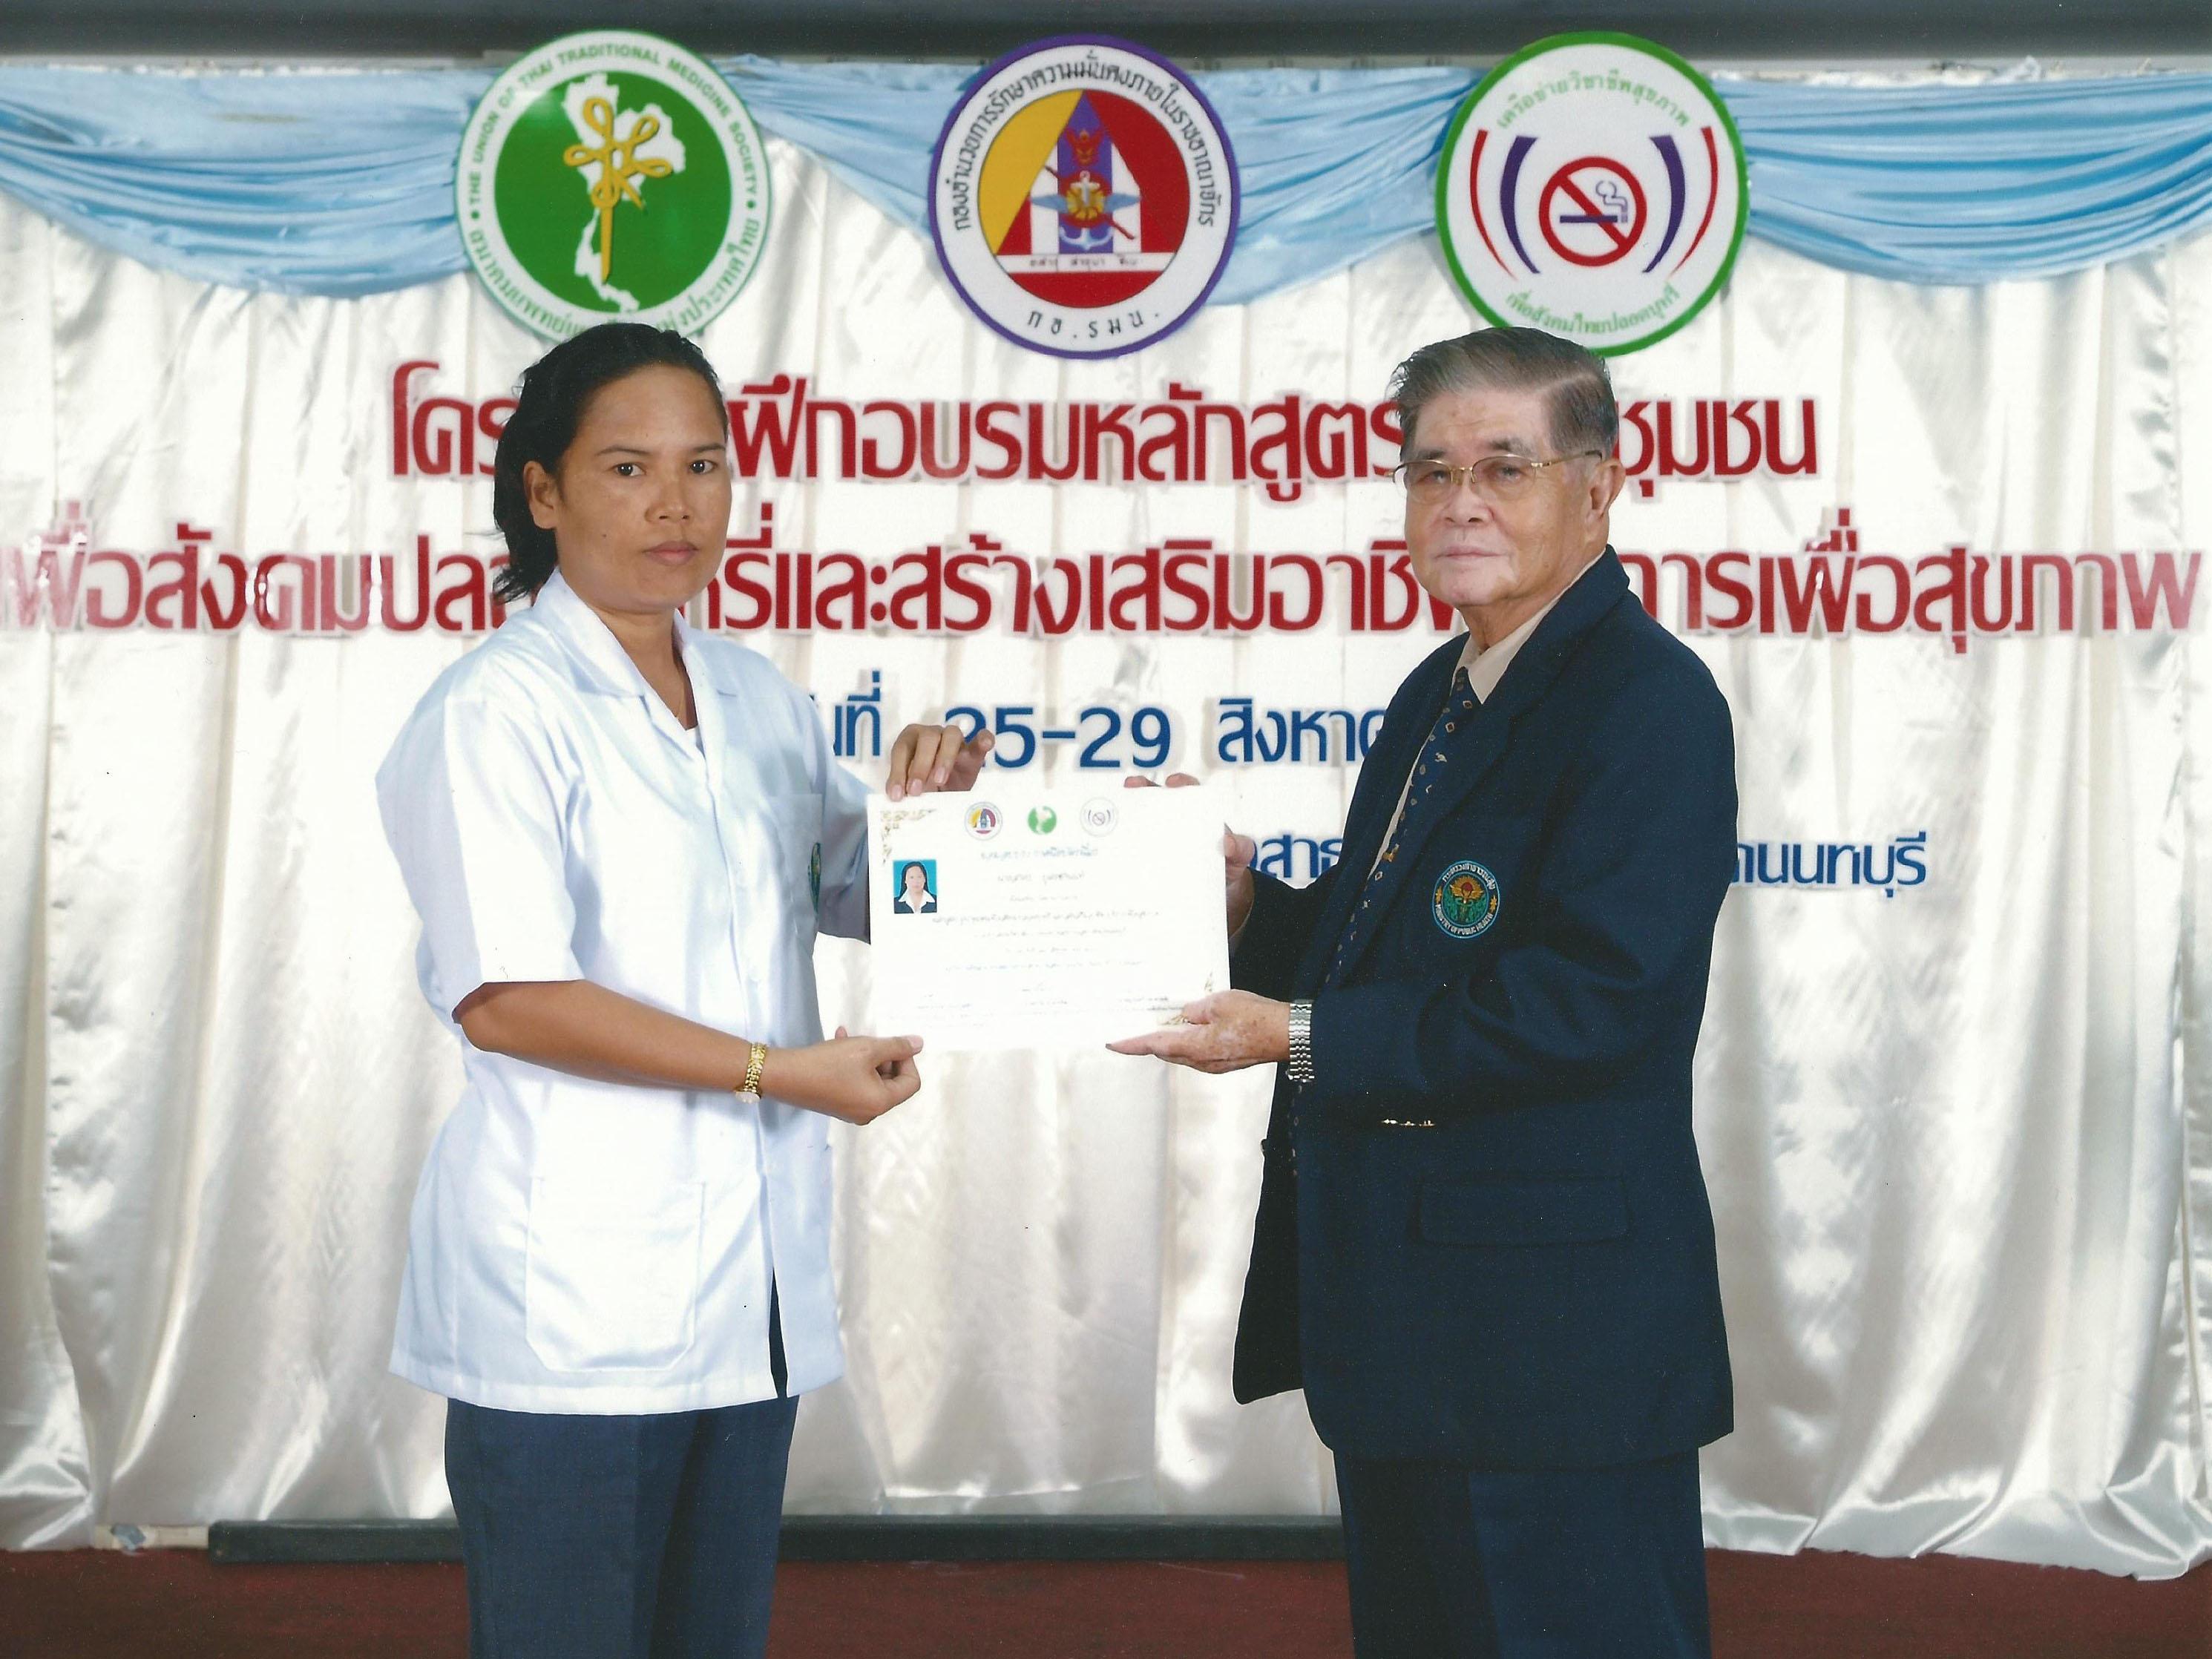 Sakhorn Knott mit dem Vorsitzenden der Union of Thai Traditional Medicine Society Aram Amaradit